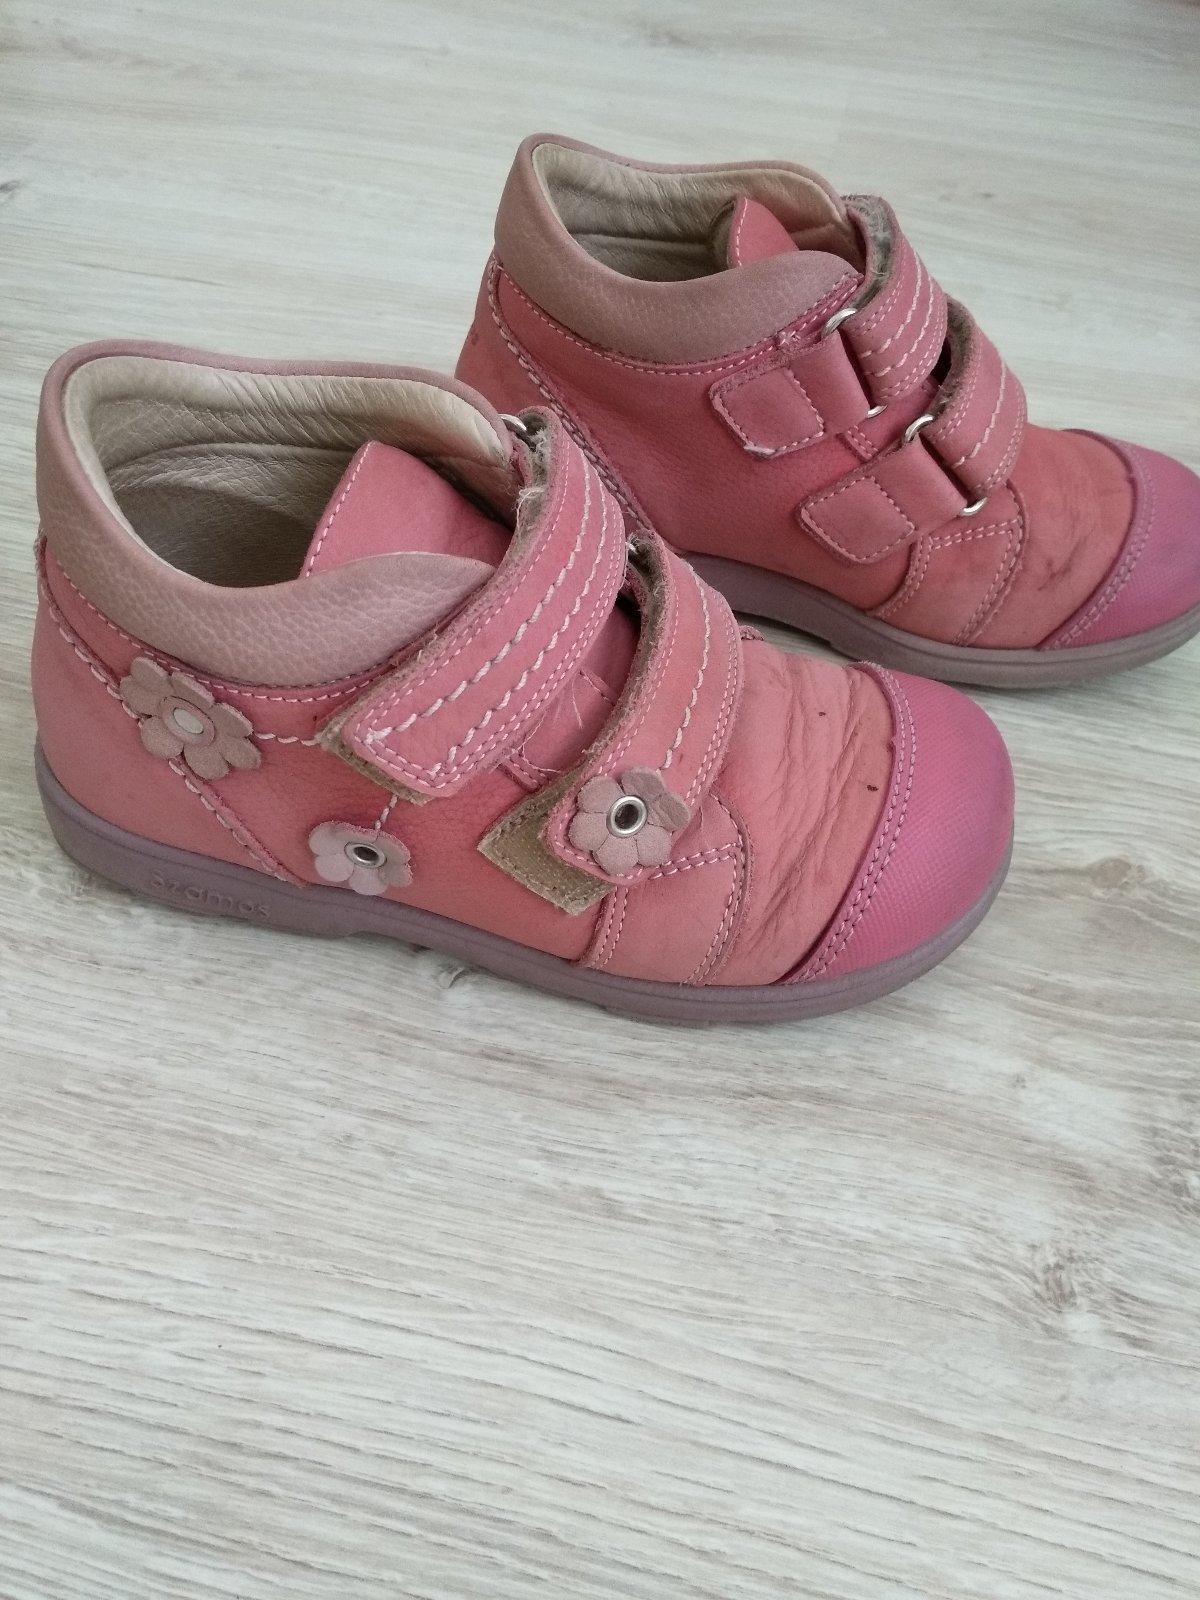 98e60207b Supinovane topánky szamos, 28 - 10 € od predávajúcej majasp | Detský bazár  | ModryKonik.sk